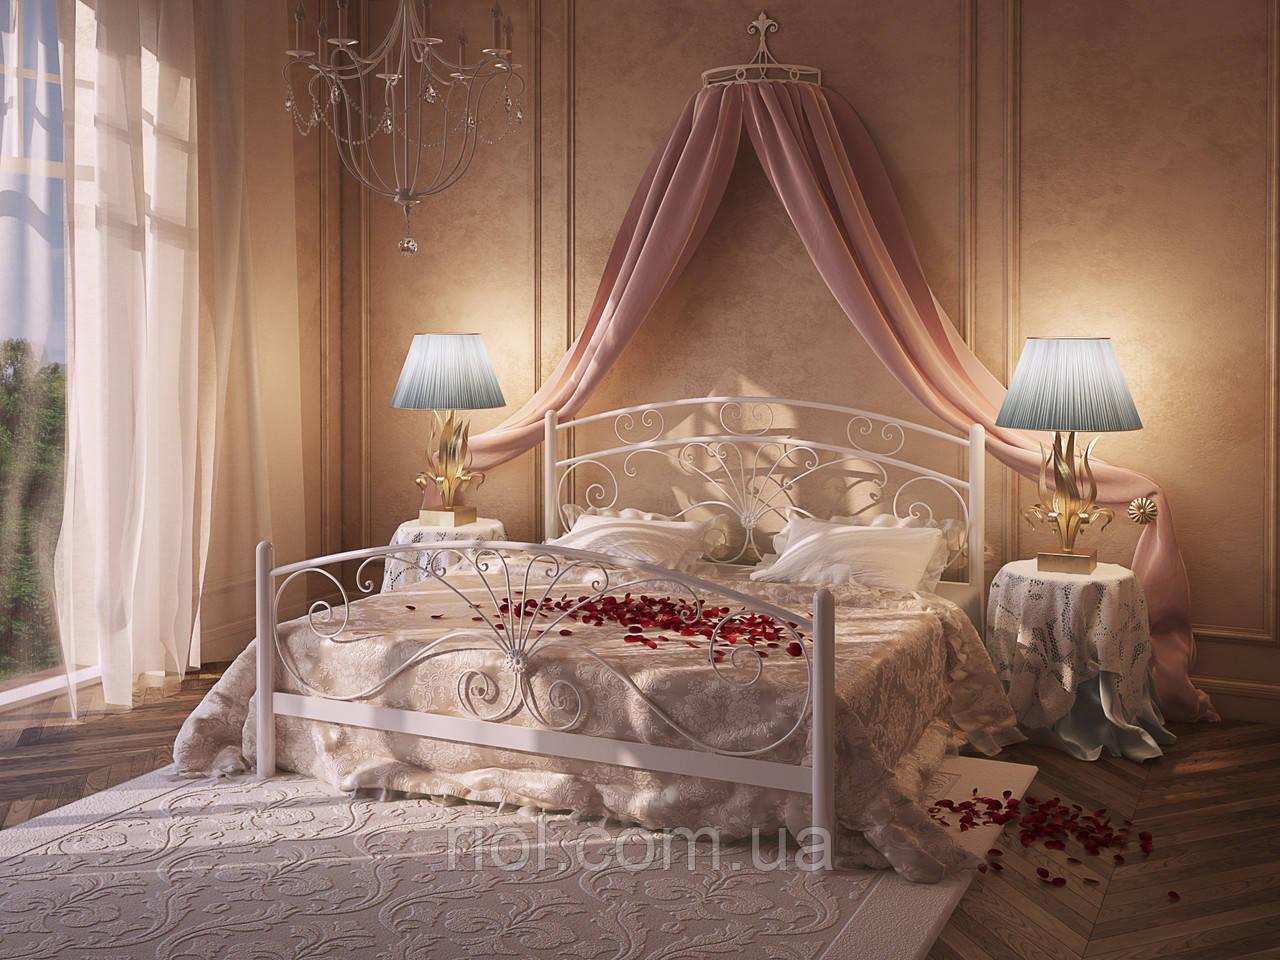 Металлическая двуспальная кровать Дармера ТМ Тенеро